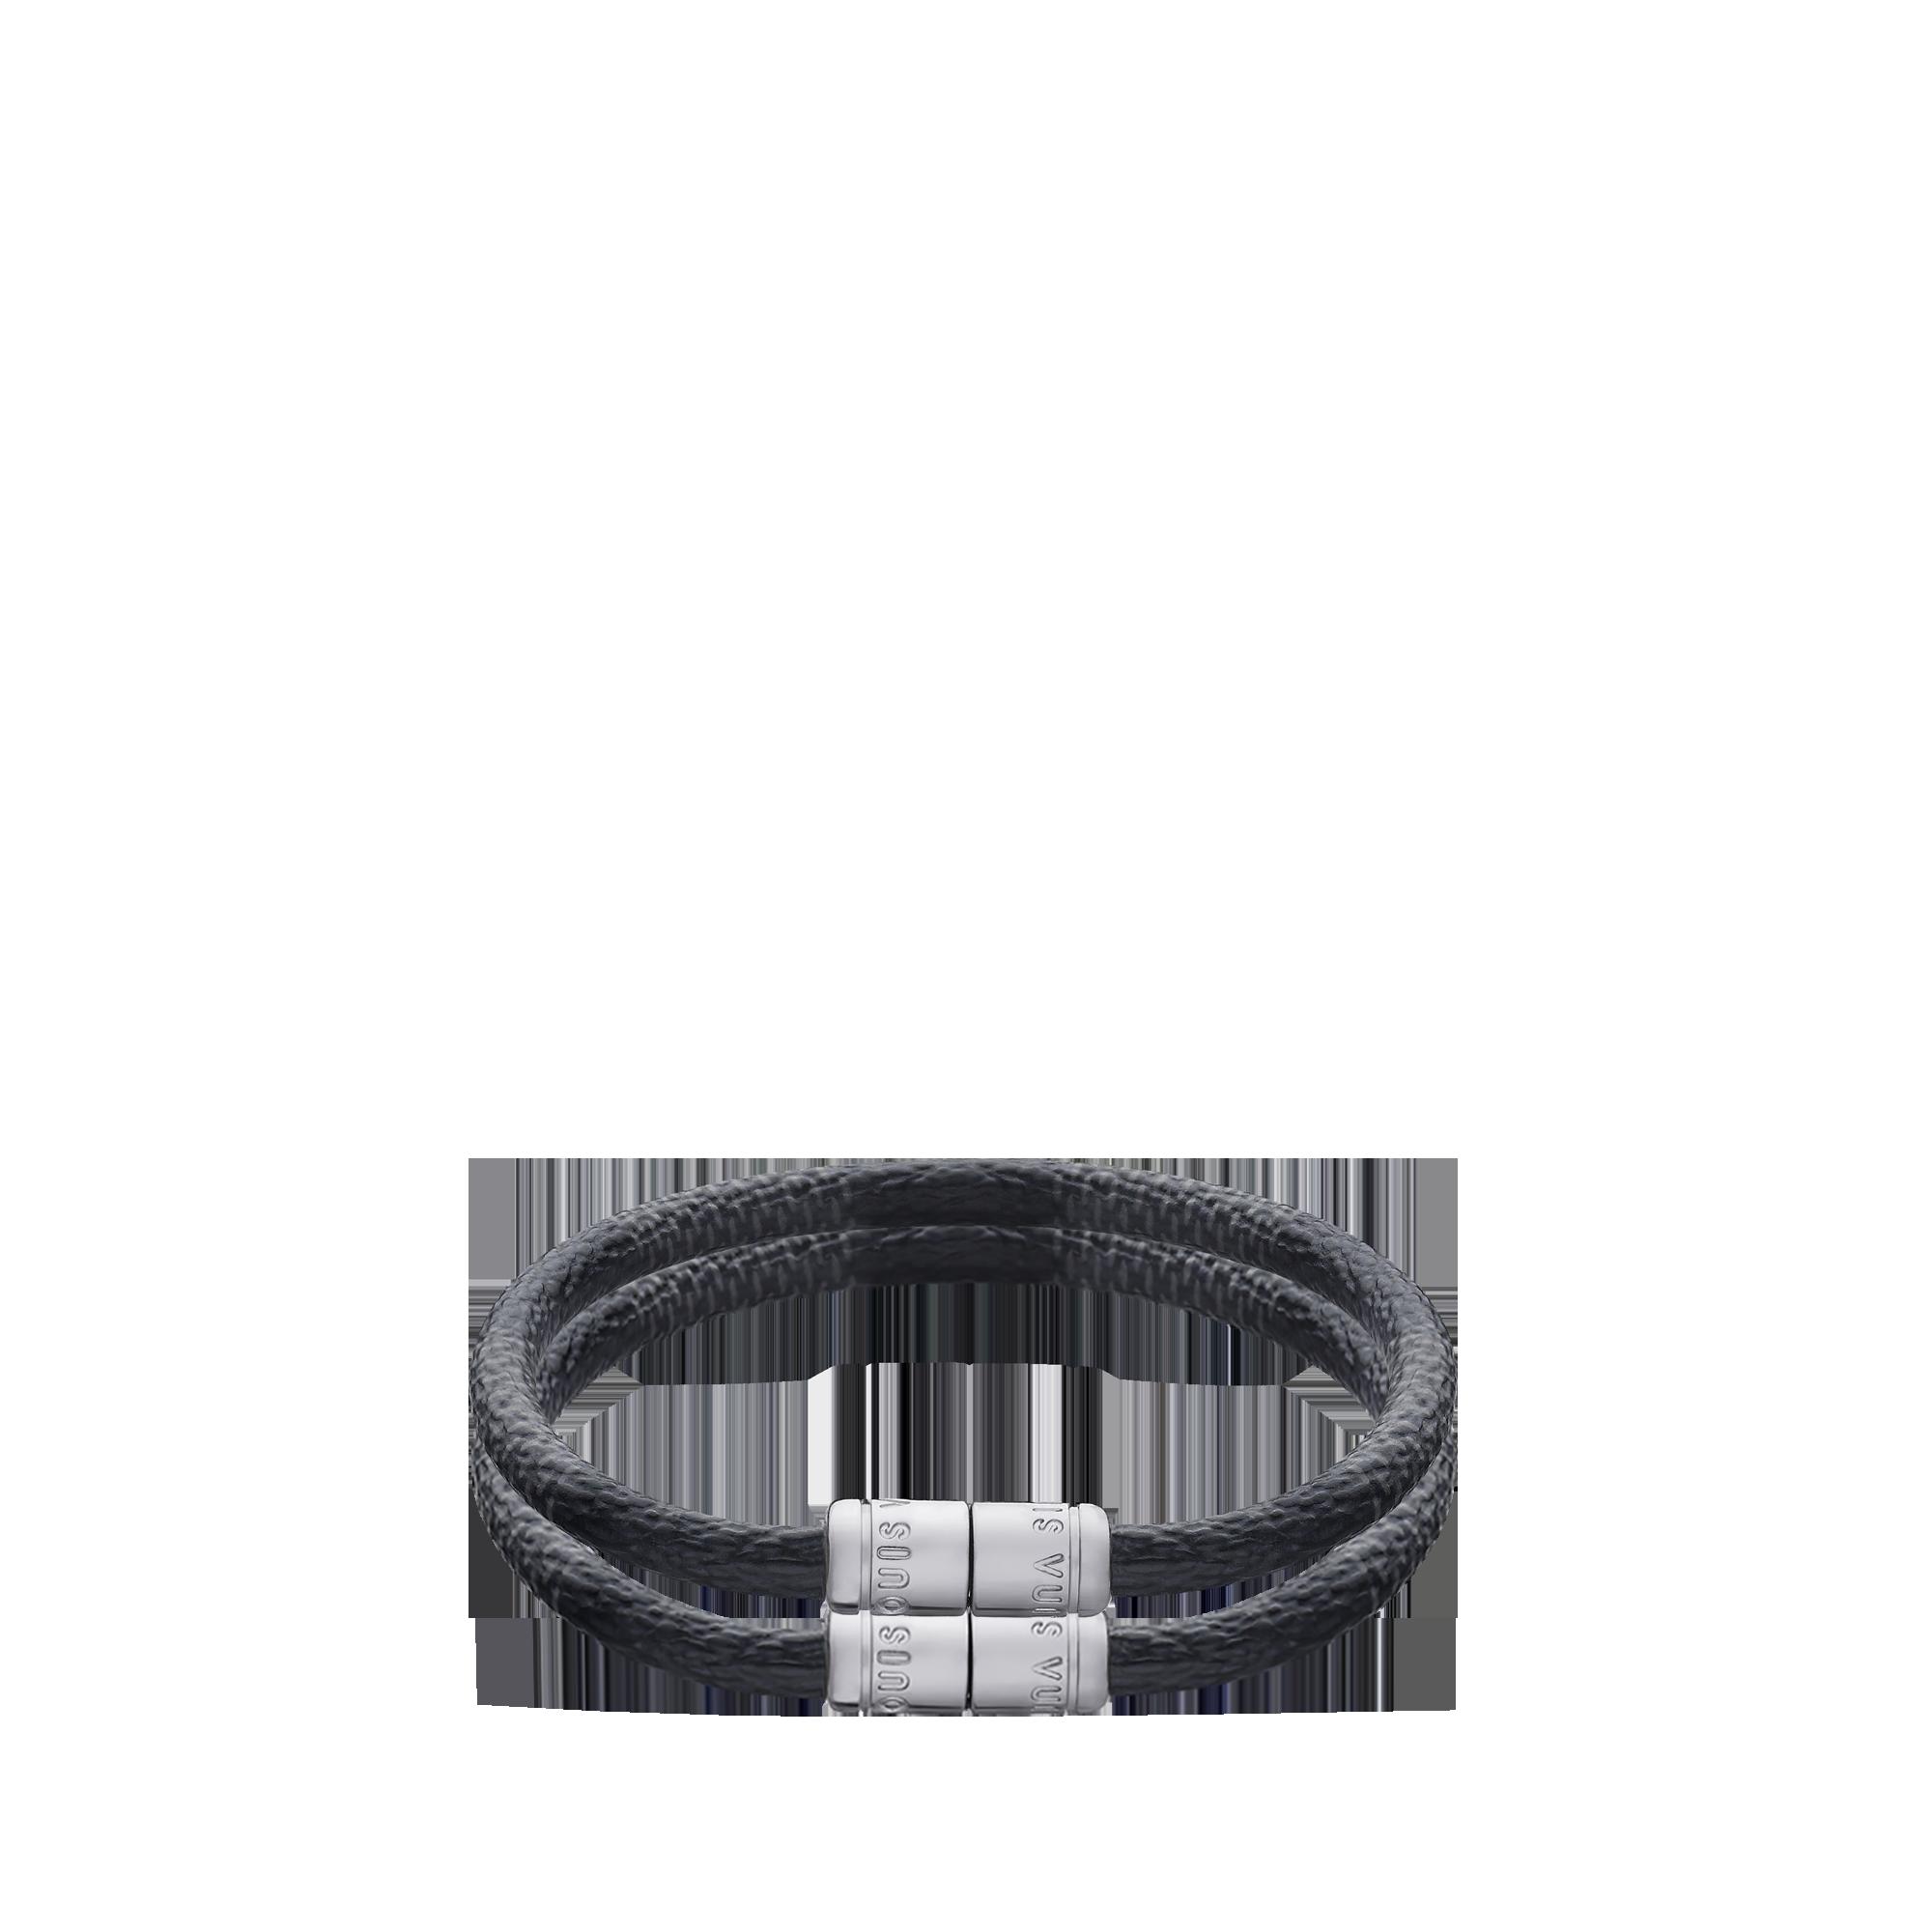 Louis Vuitton Bracelet For Men Check It Damier Graphite